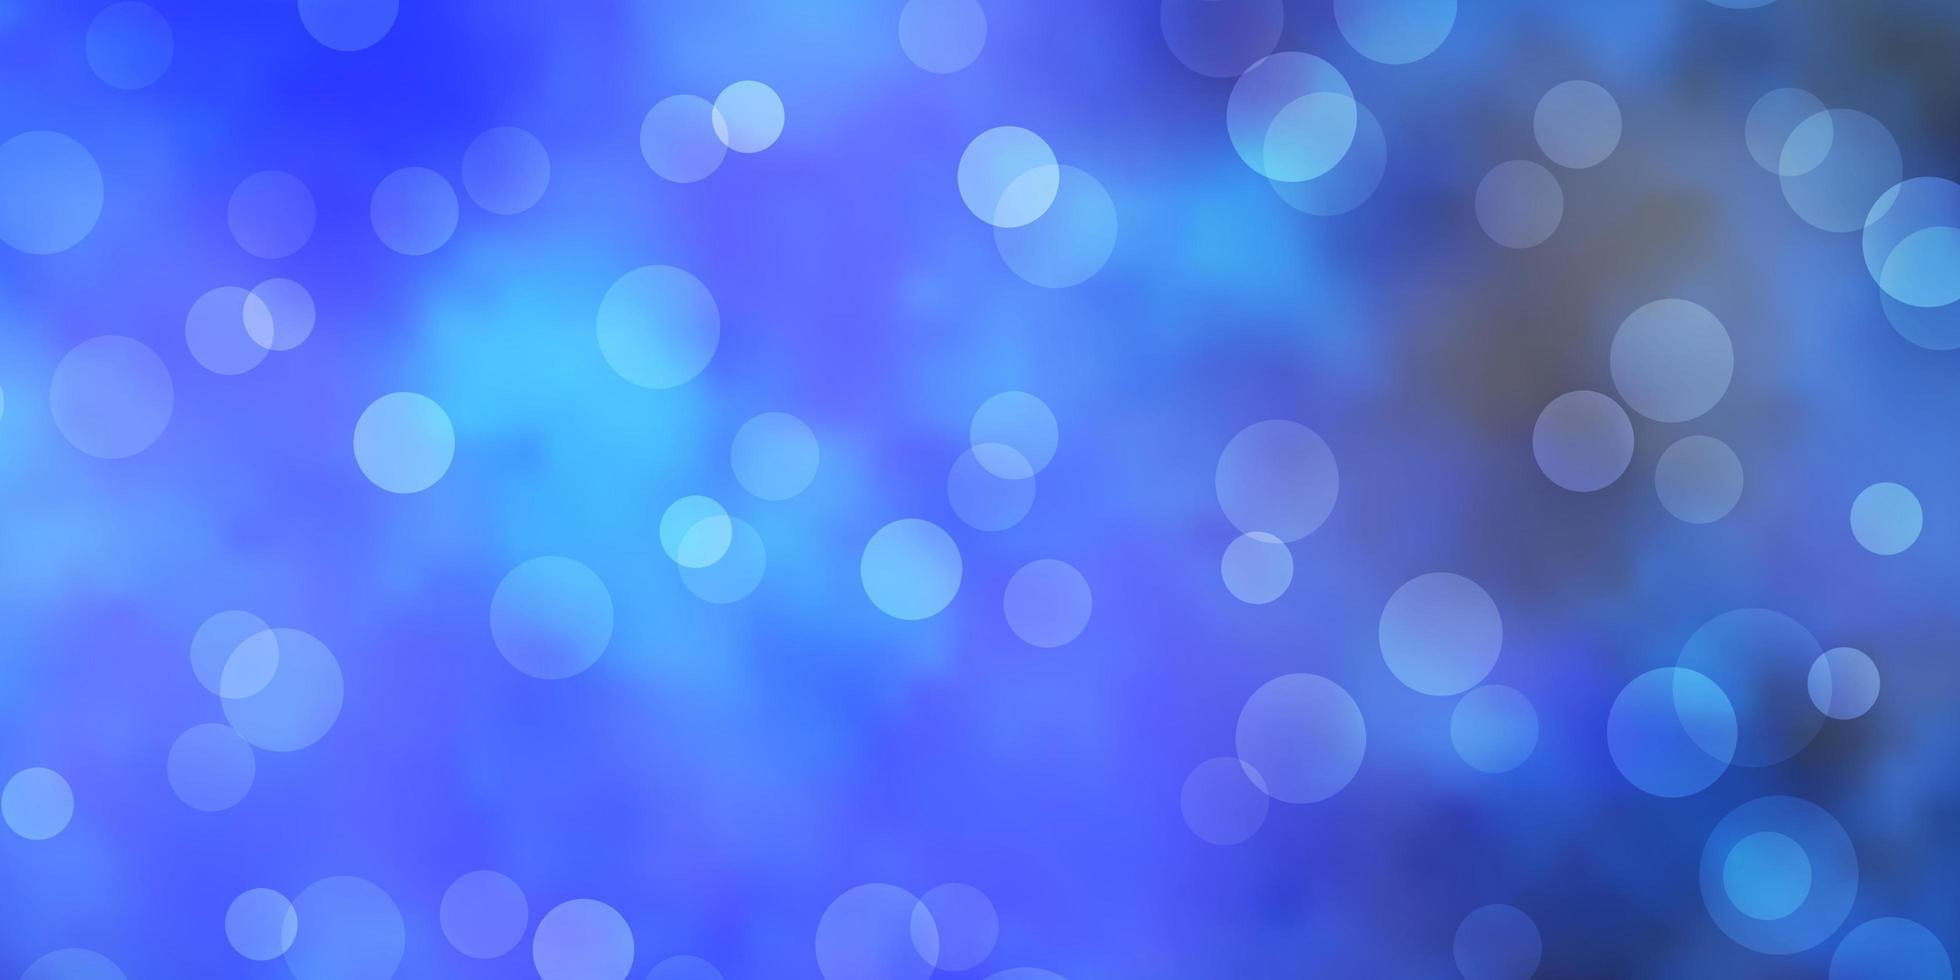 hellblauer Vektorhintergrund mit Flecken. vektor